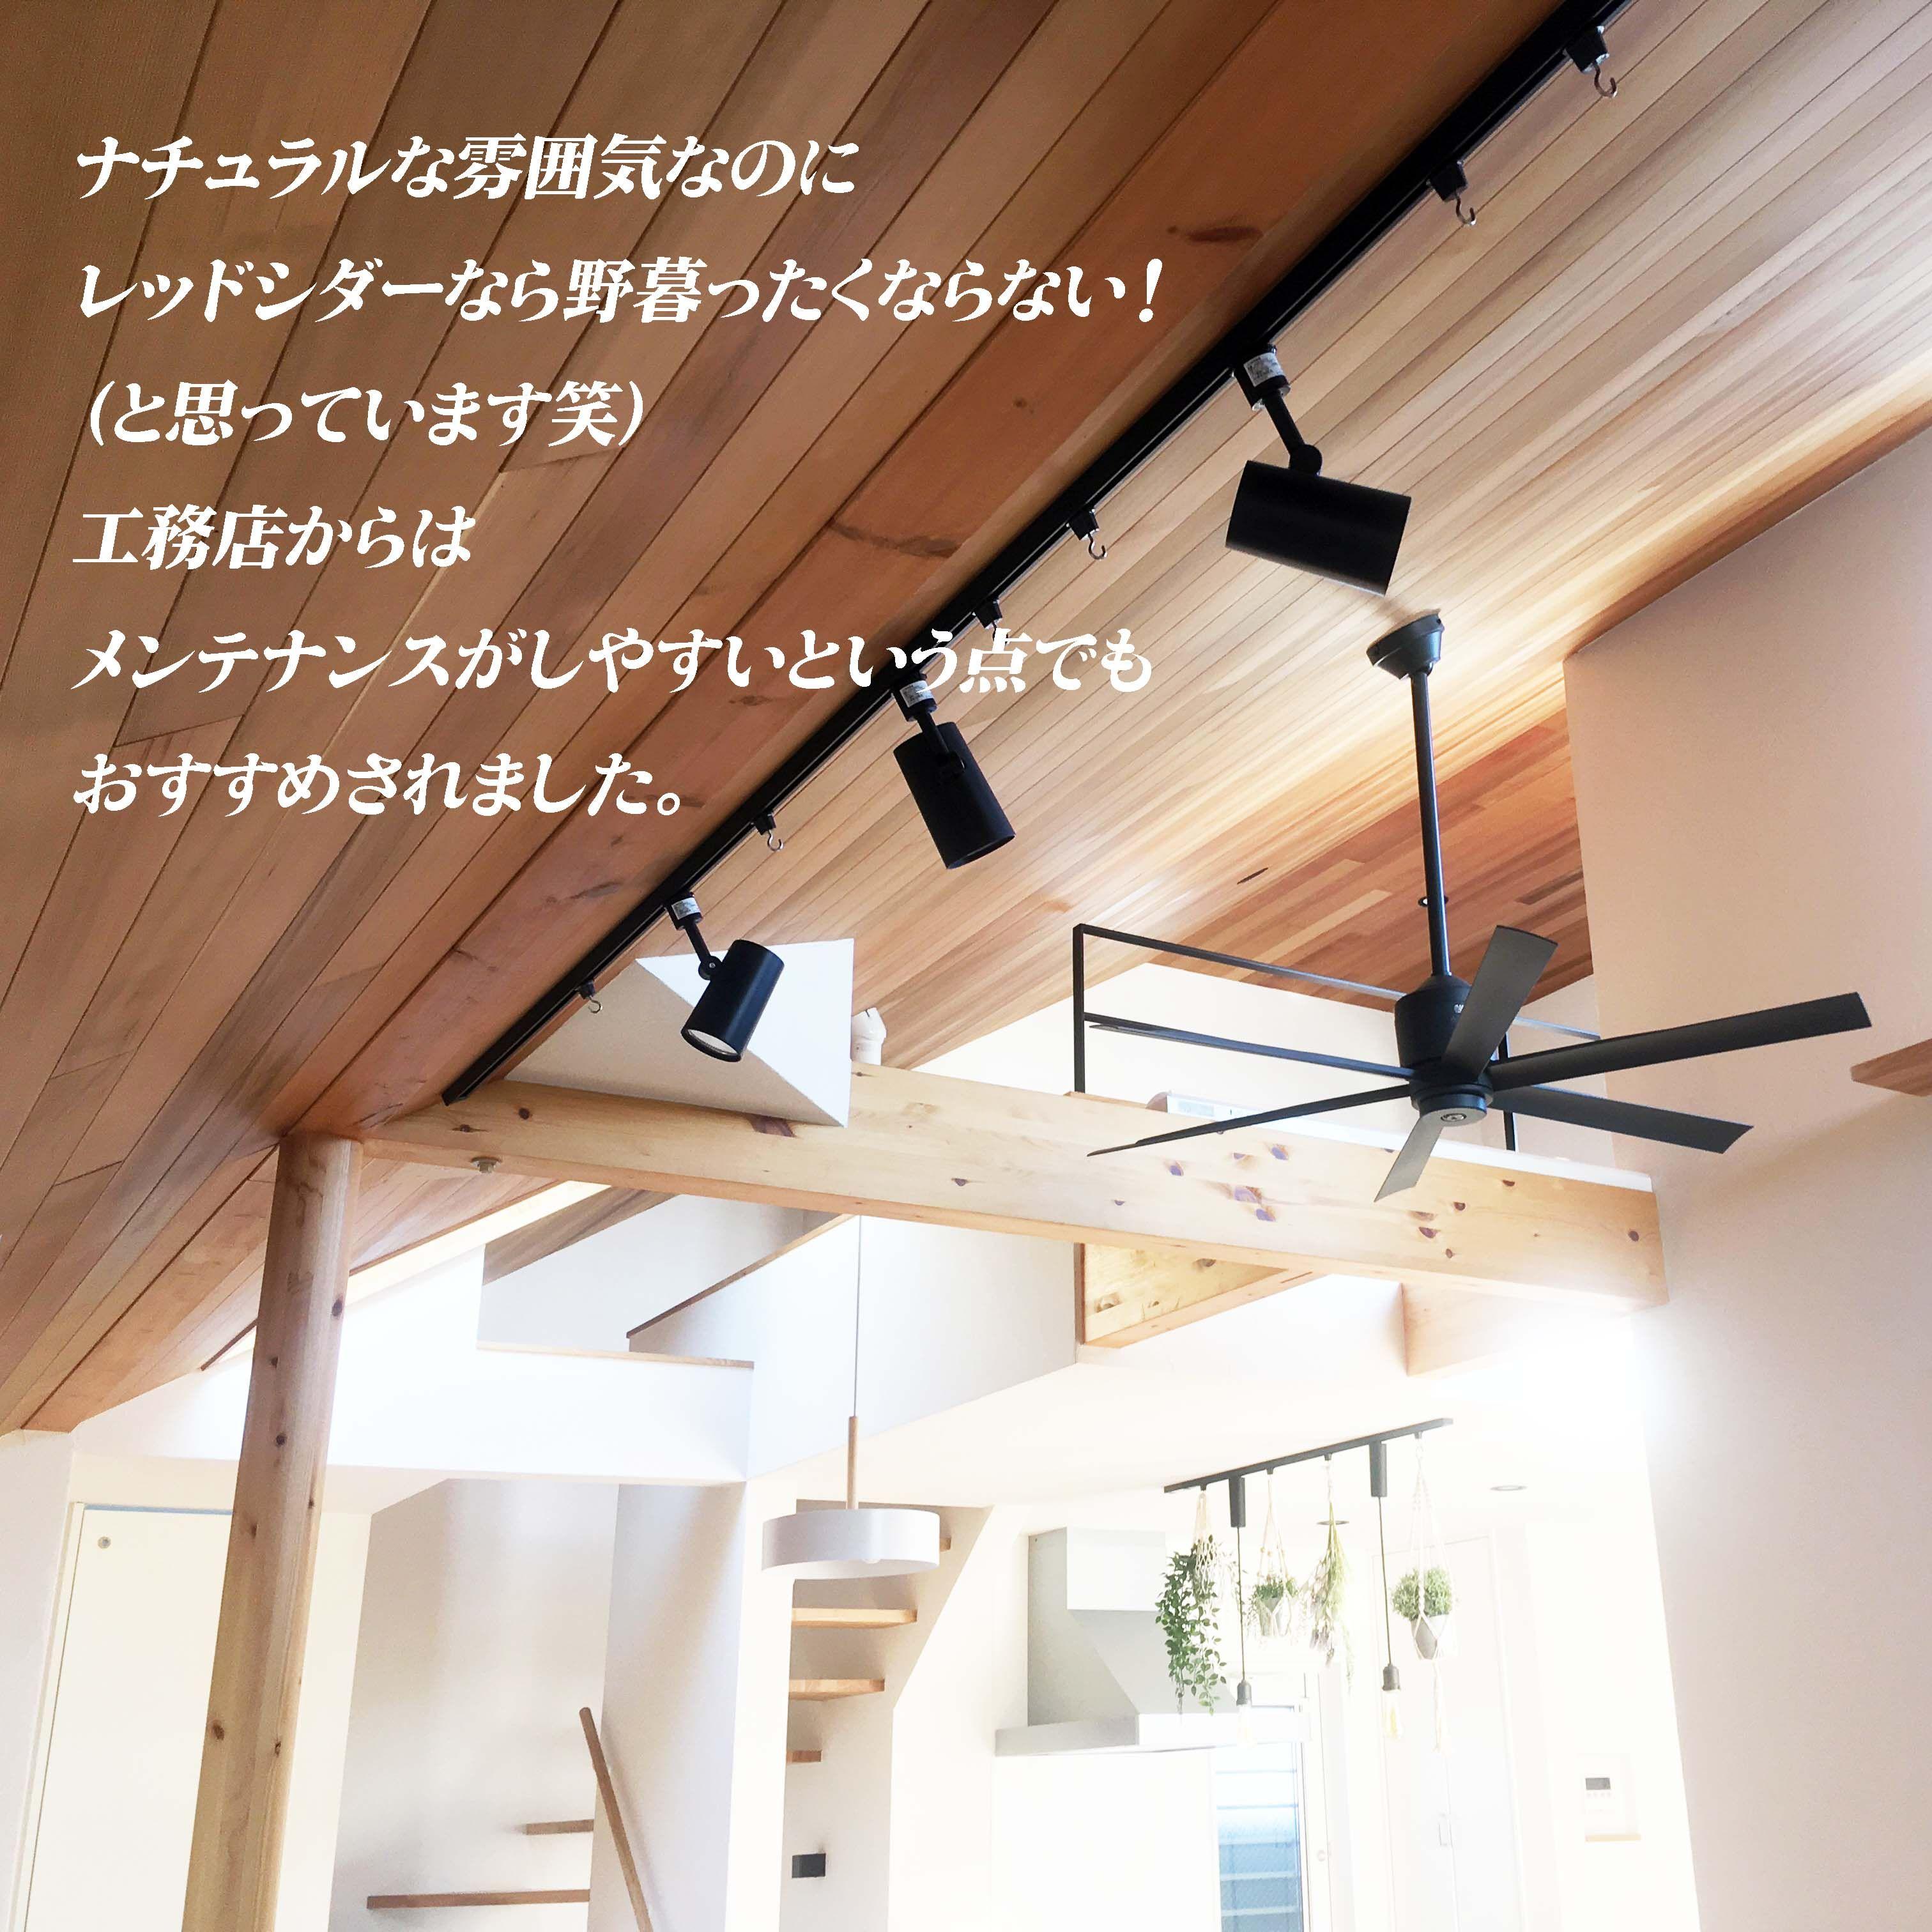 マイホームでやってよかったこと レッドシダー 米杉 の板張り天井